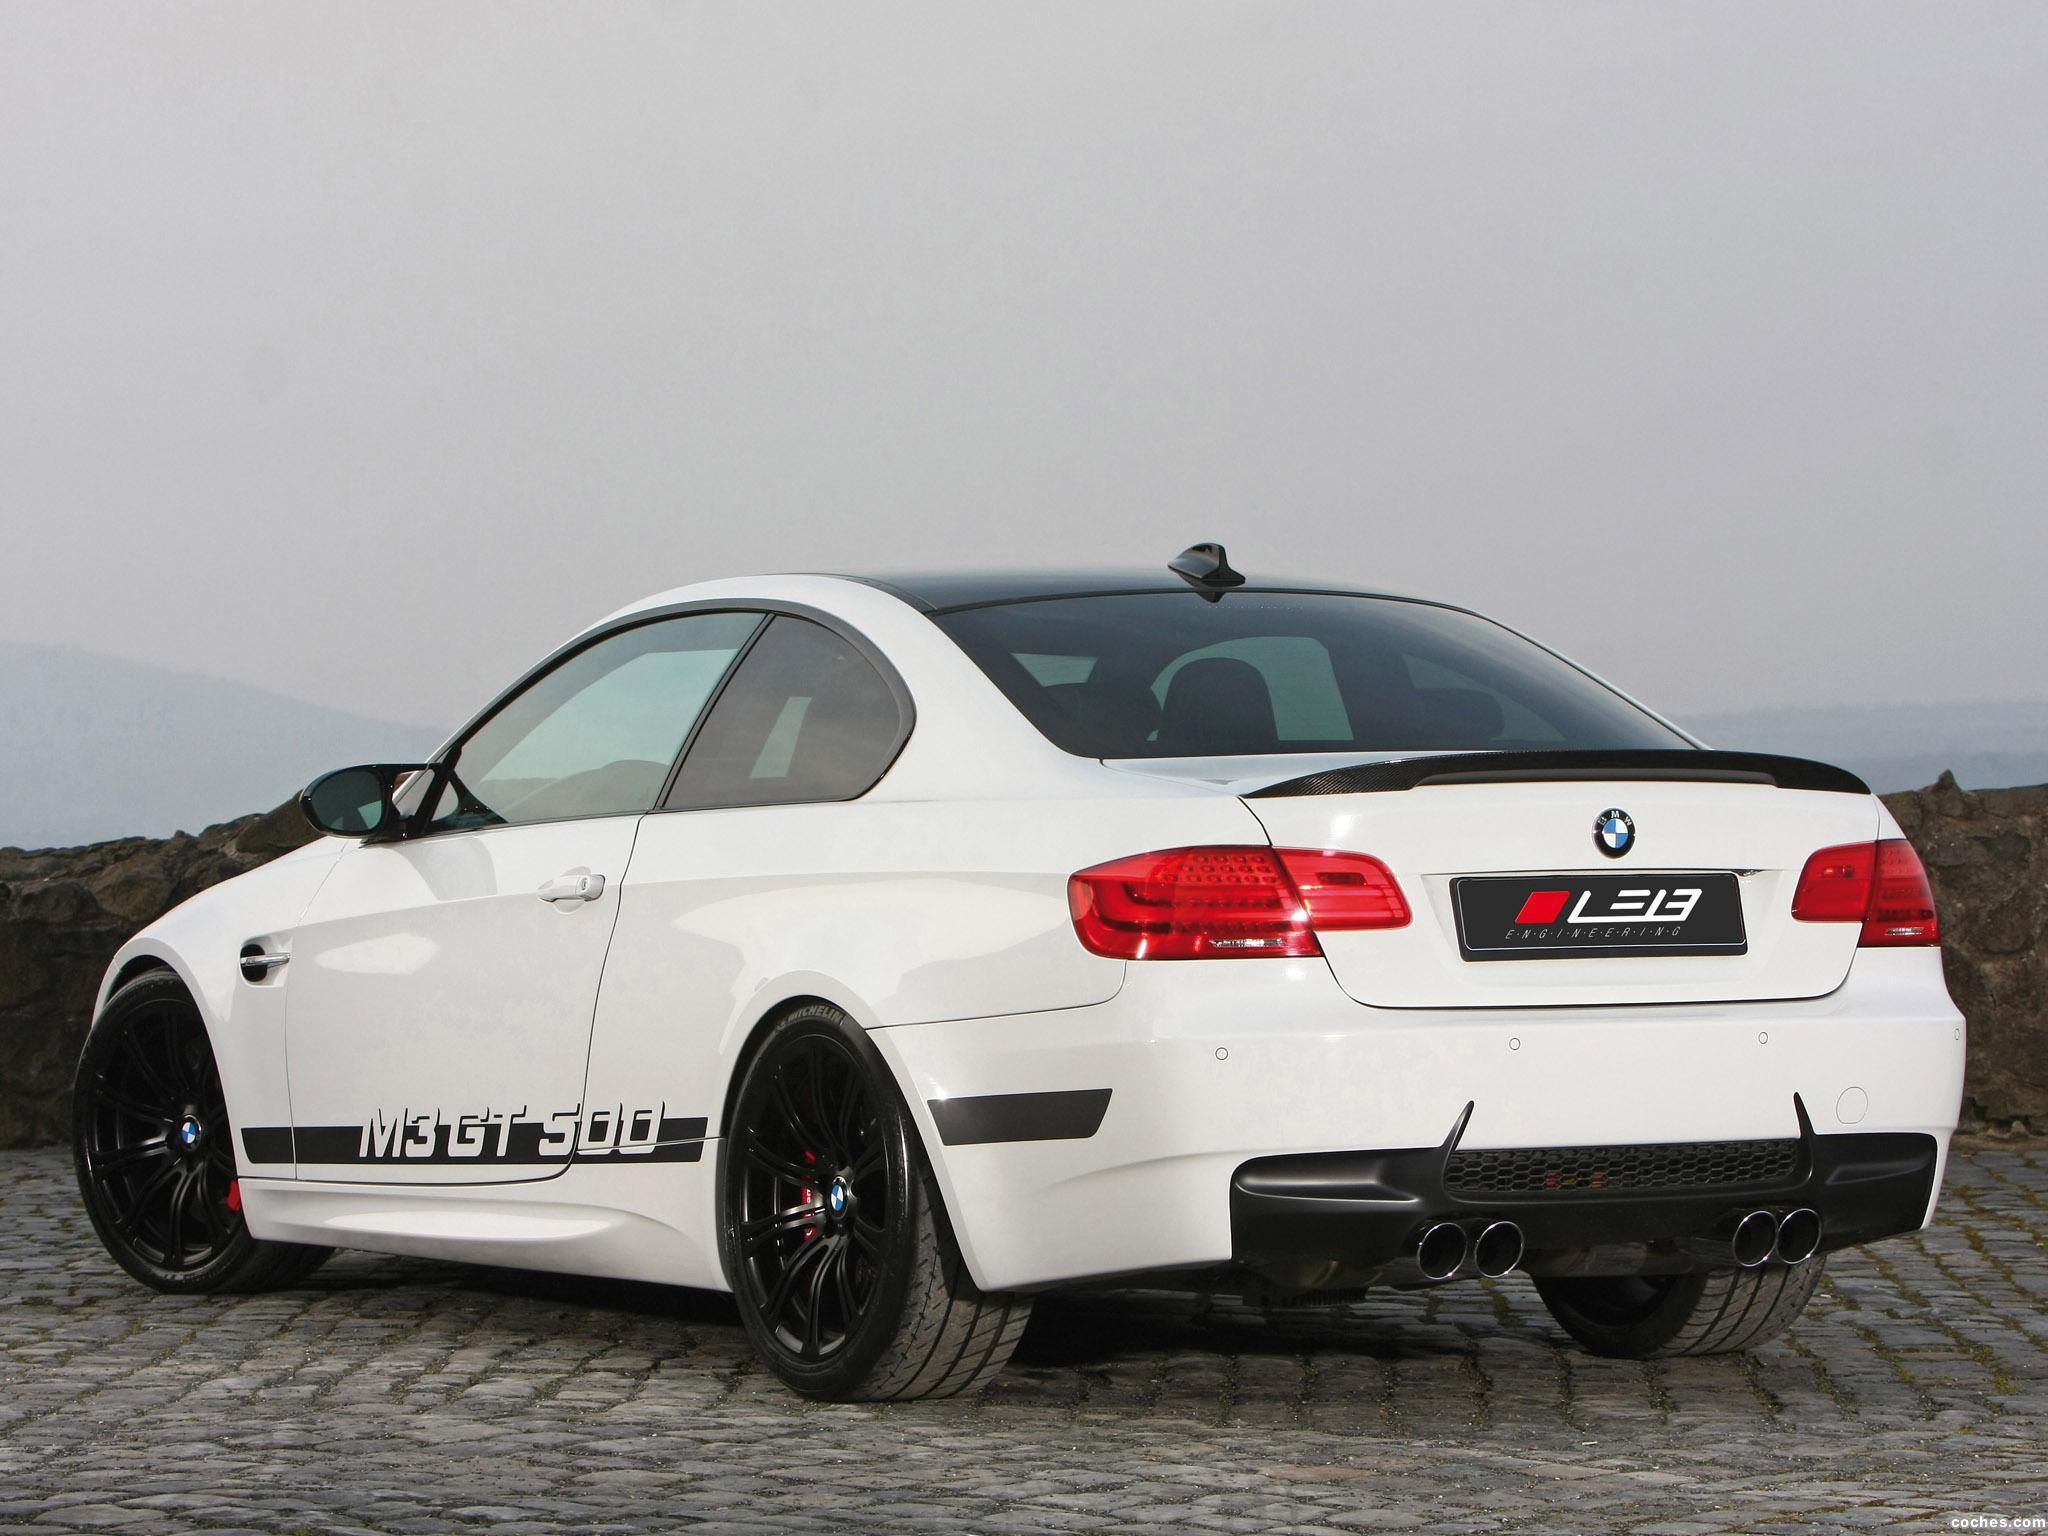 Foto 1 de BMW M3 Leib GT 500 E92 2013